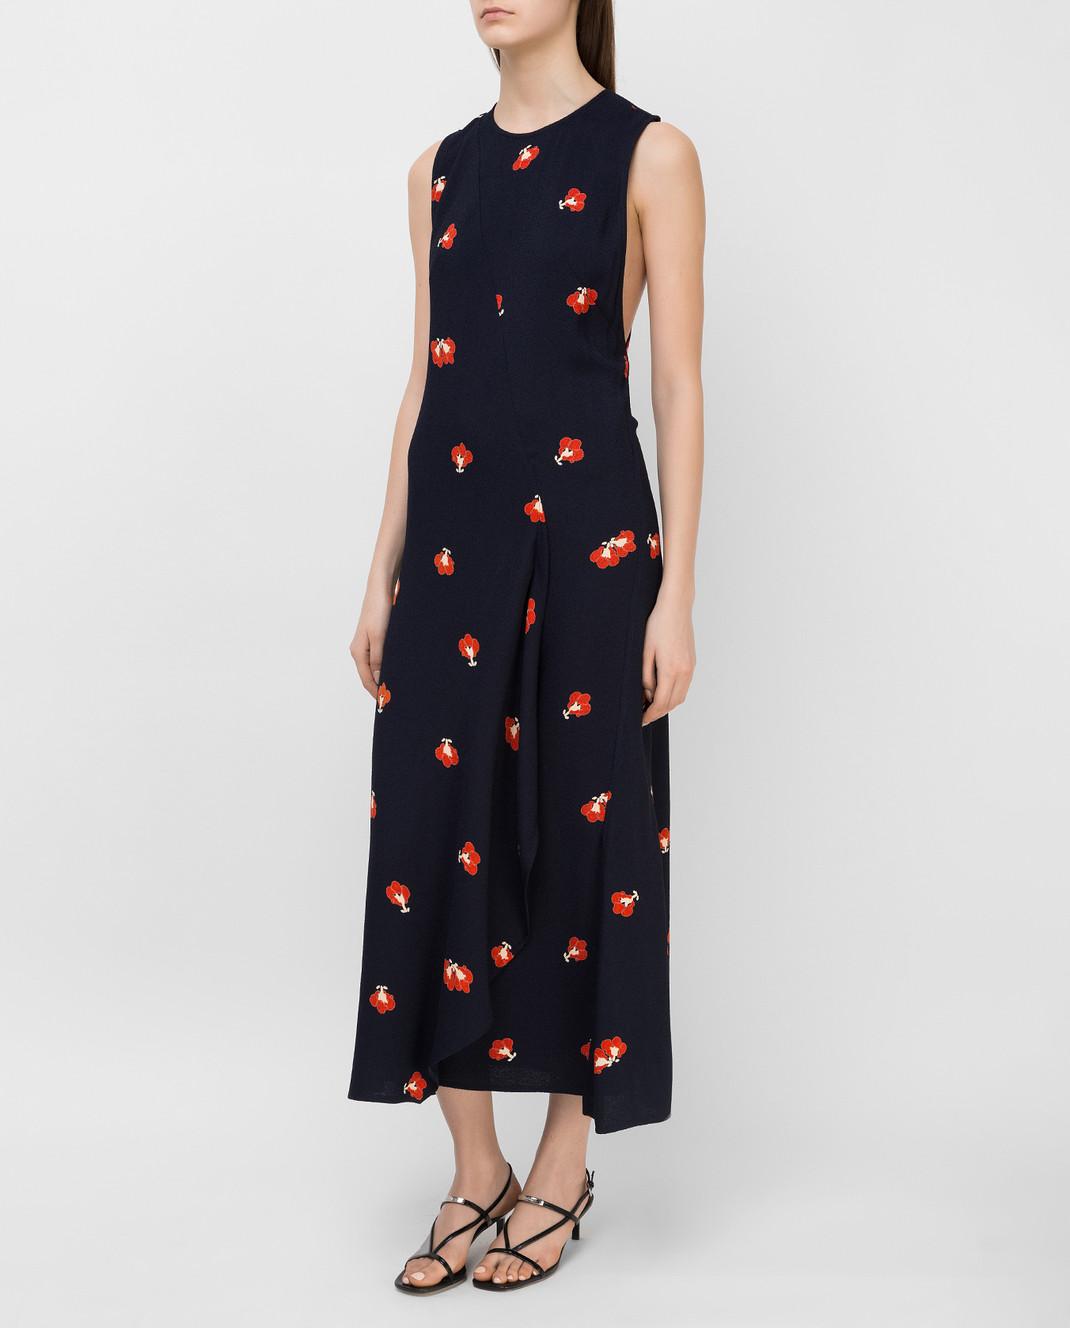 Victoria Beckham Темно-синее платье DRMID6317C изображение 3